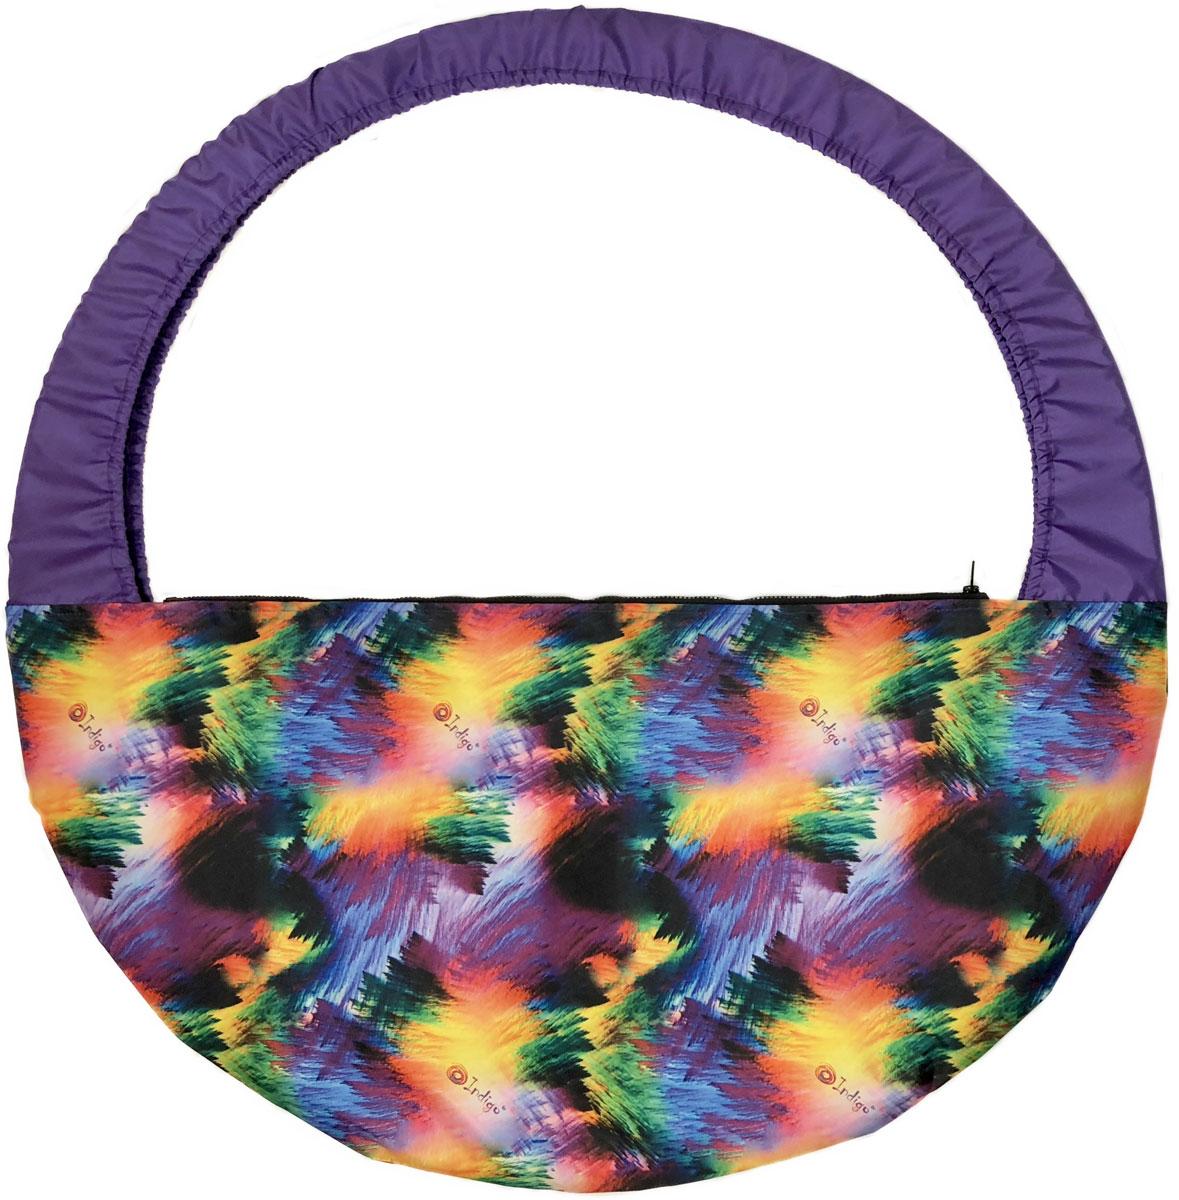 Сумка-чехол для обруча Indigo  Гламур , цвет: разноцветный, диаметр 60 х 90 см - Художественная гимнастика